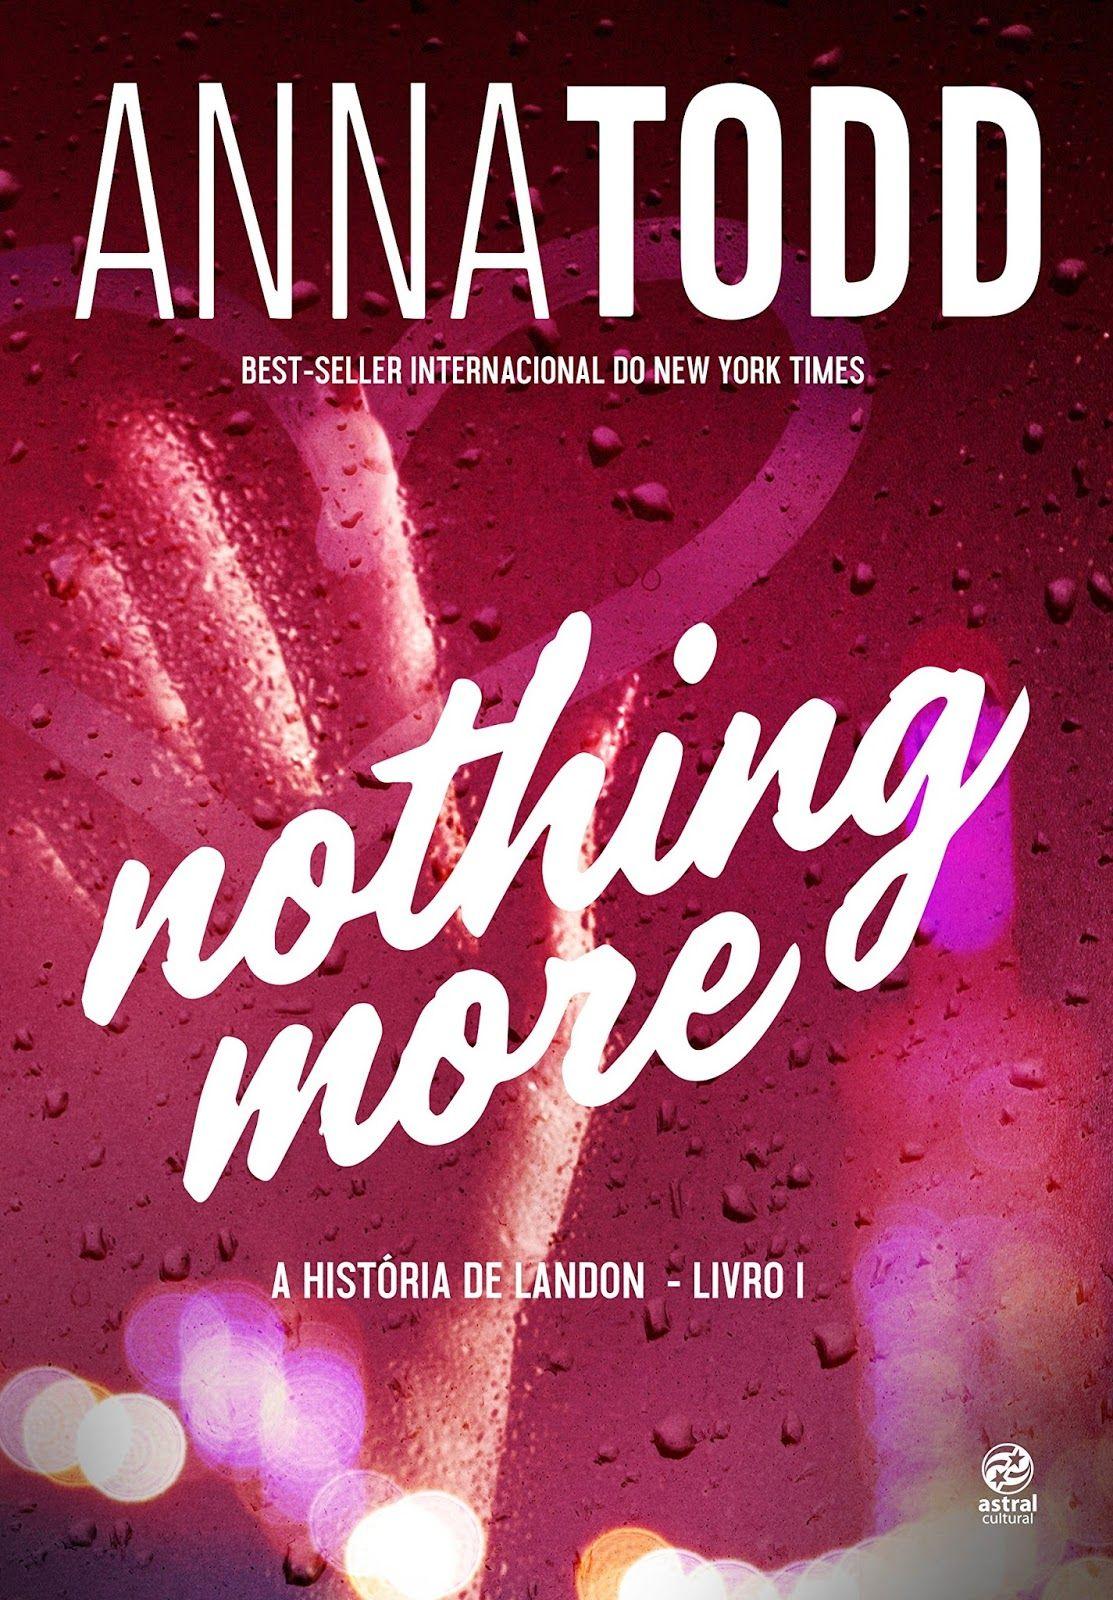 Divulgando A História De Landon De Anna Todd After Livro Recomendações De Livros Sinopse